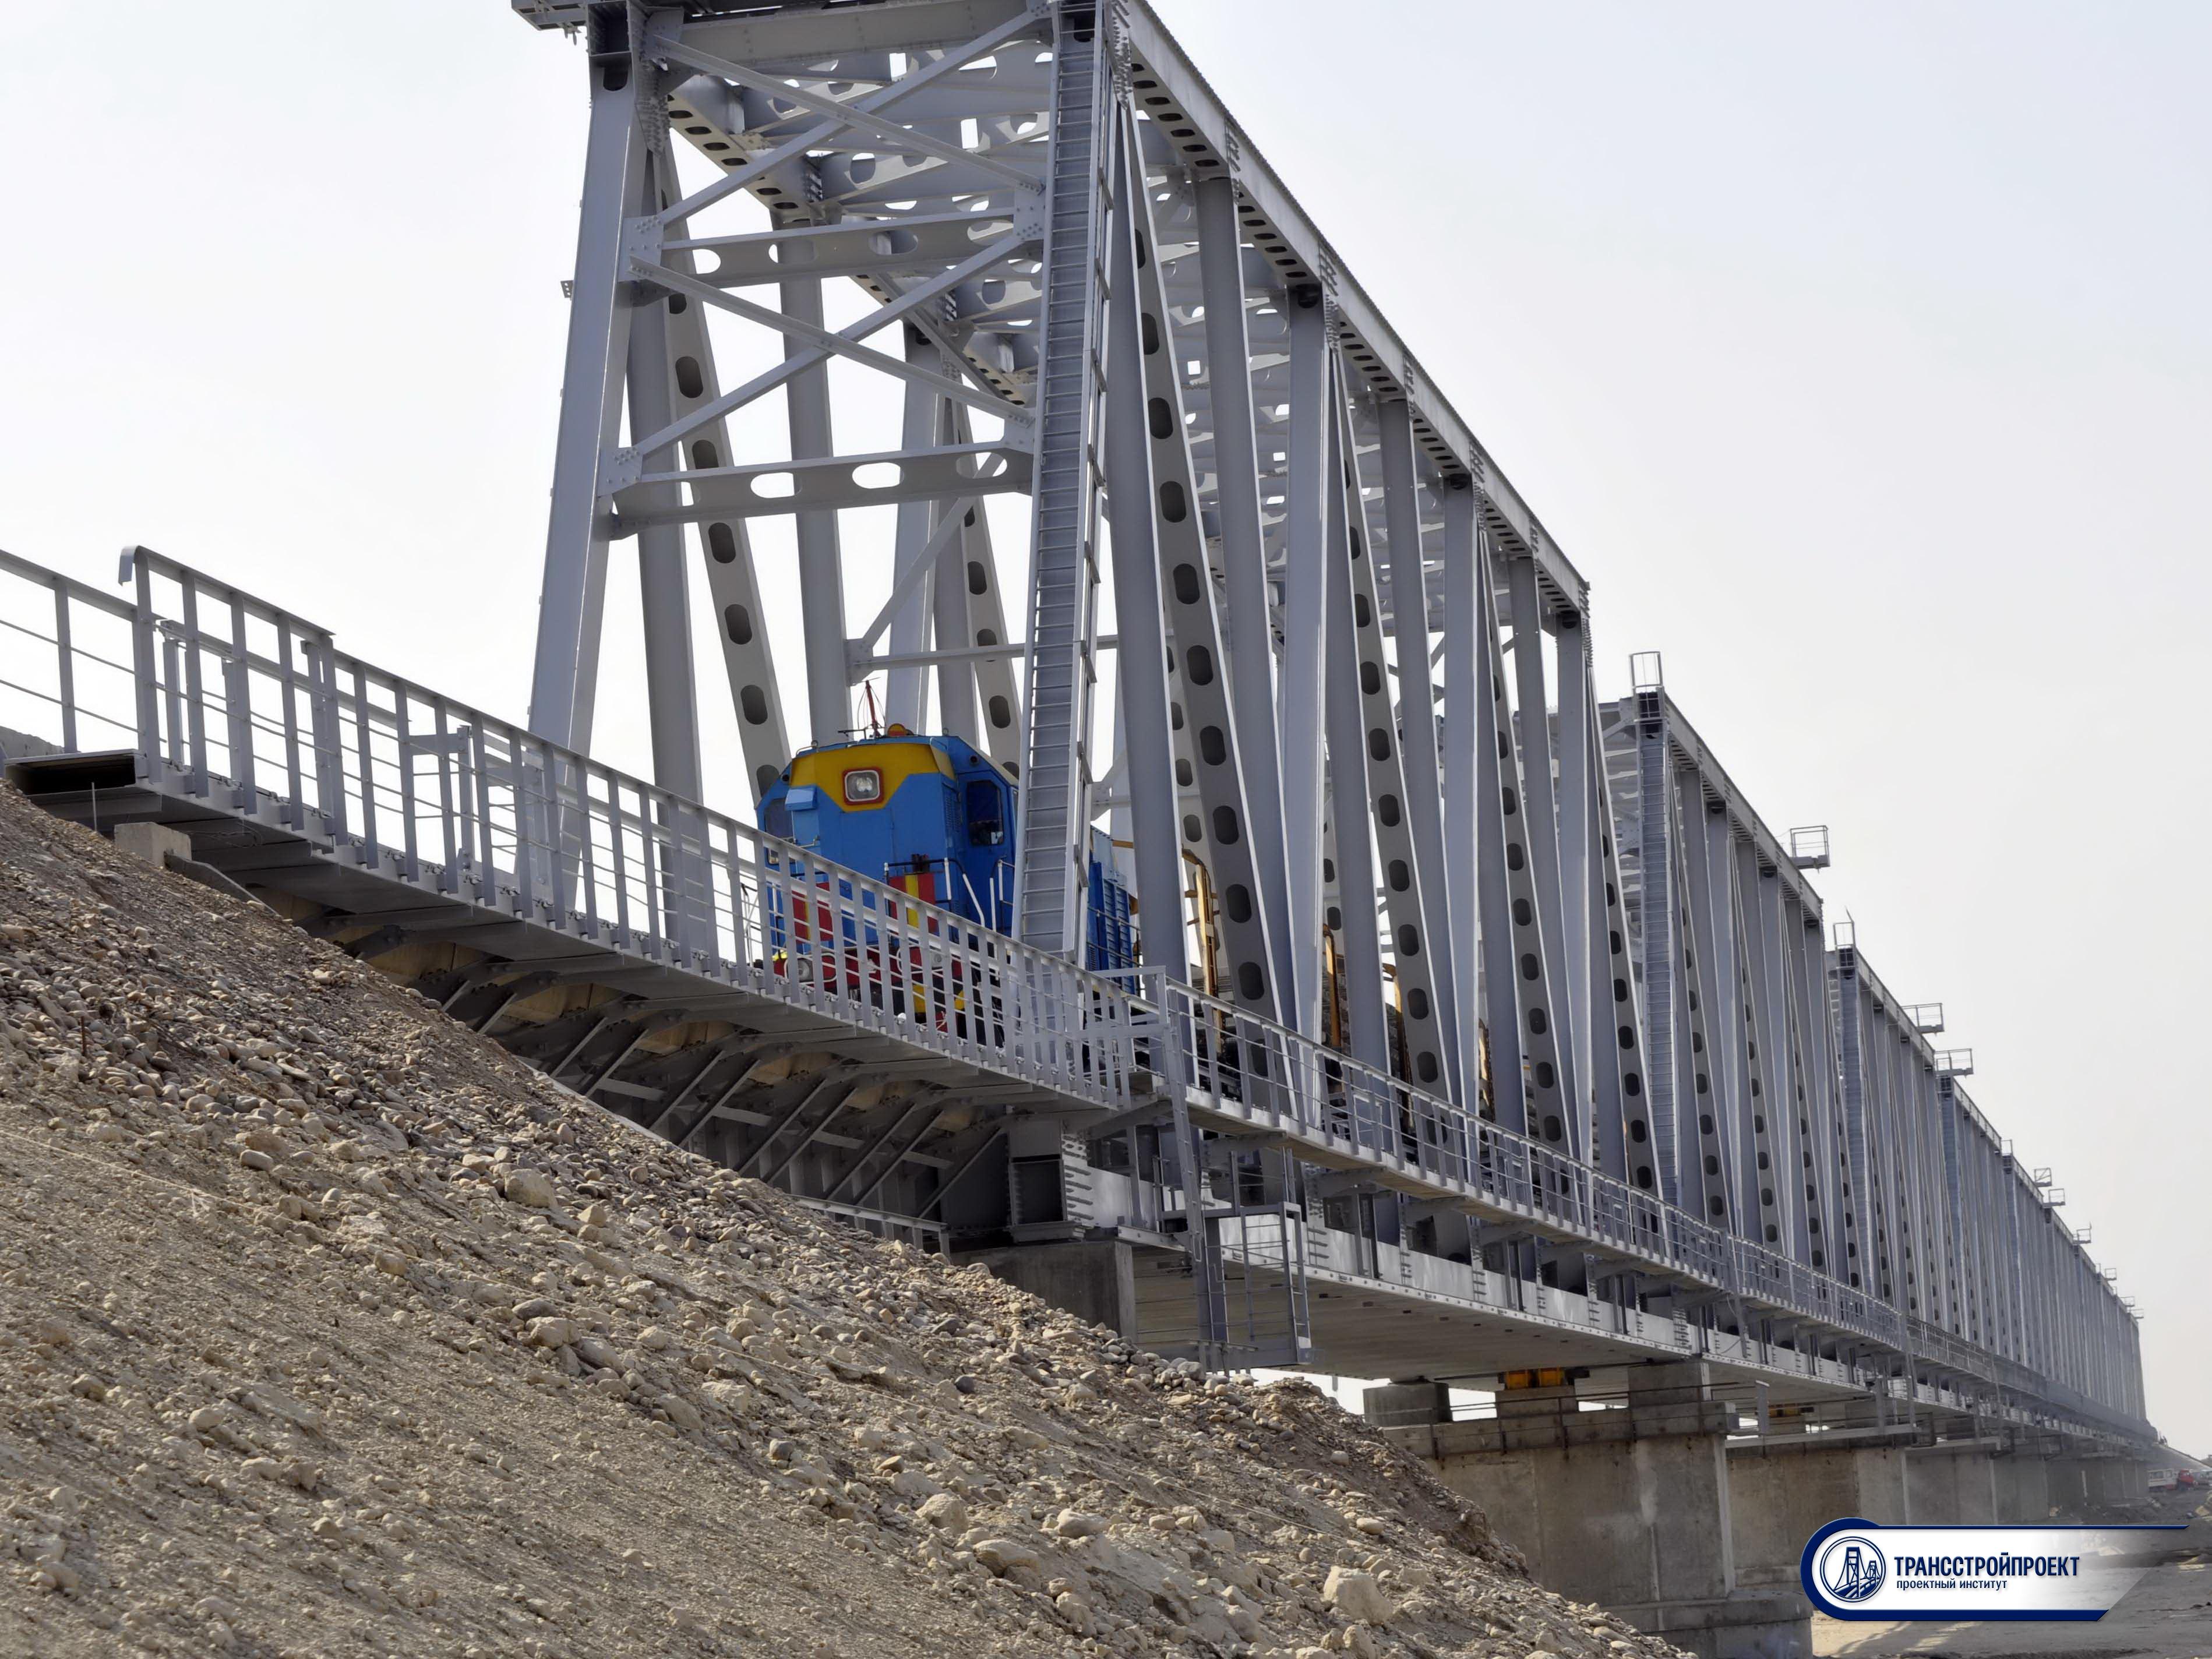 железнодорожный мост через реку Или на ПК 2235+53 РК